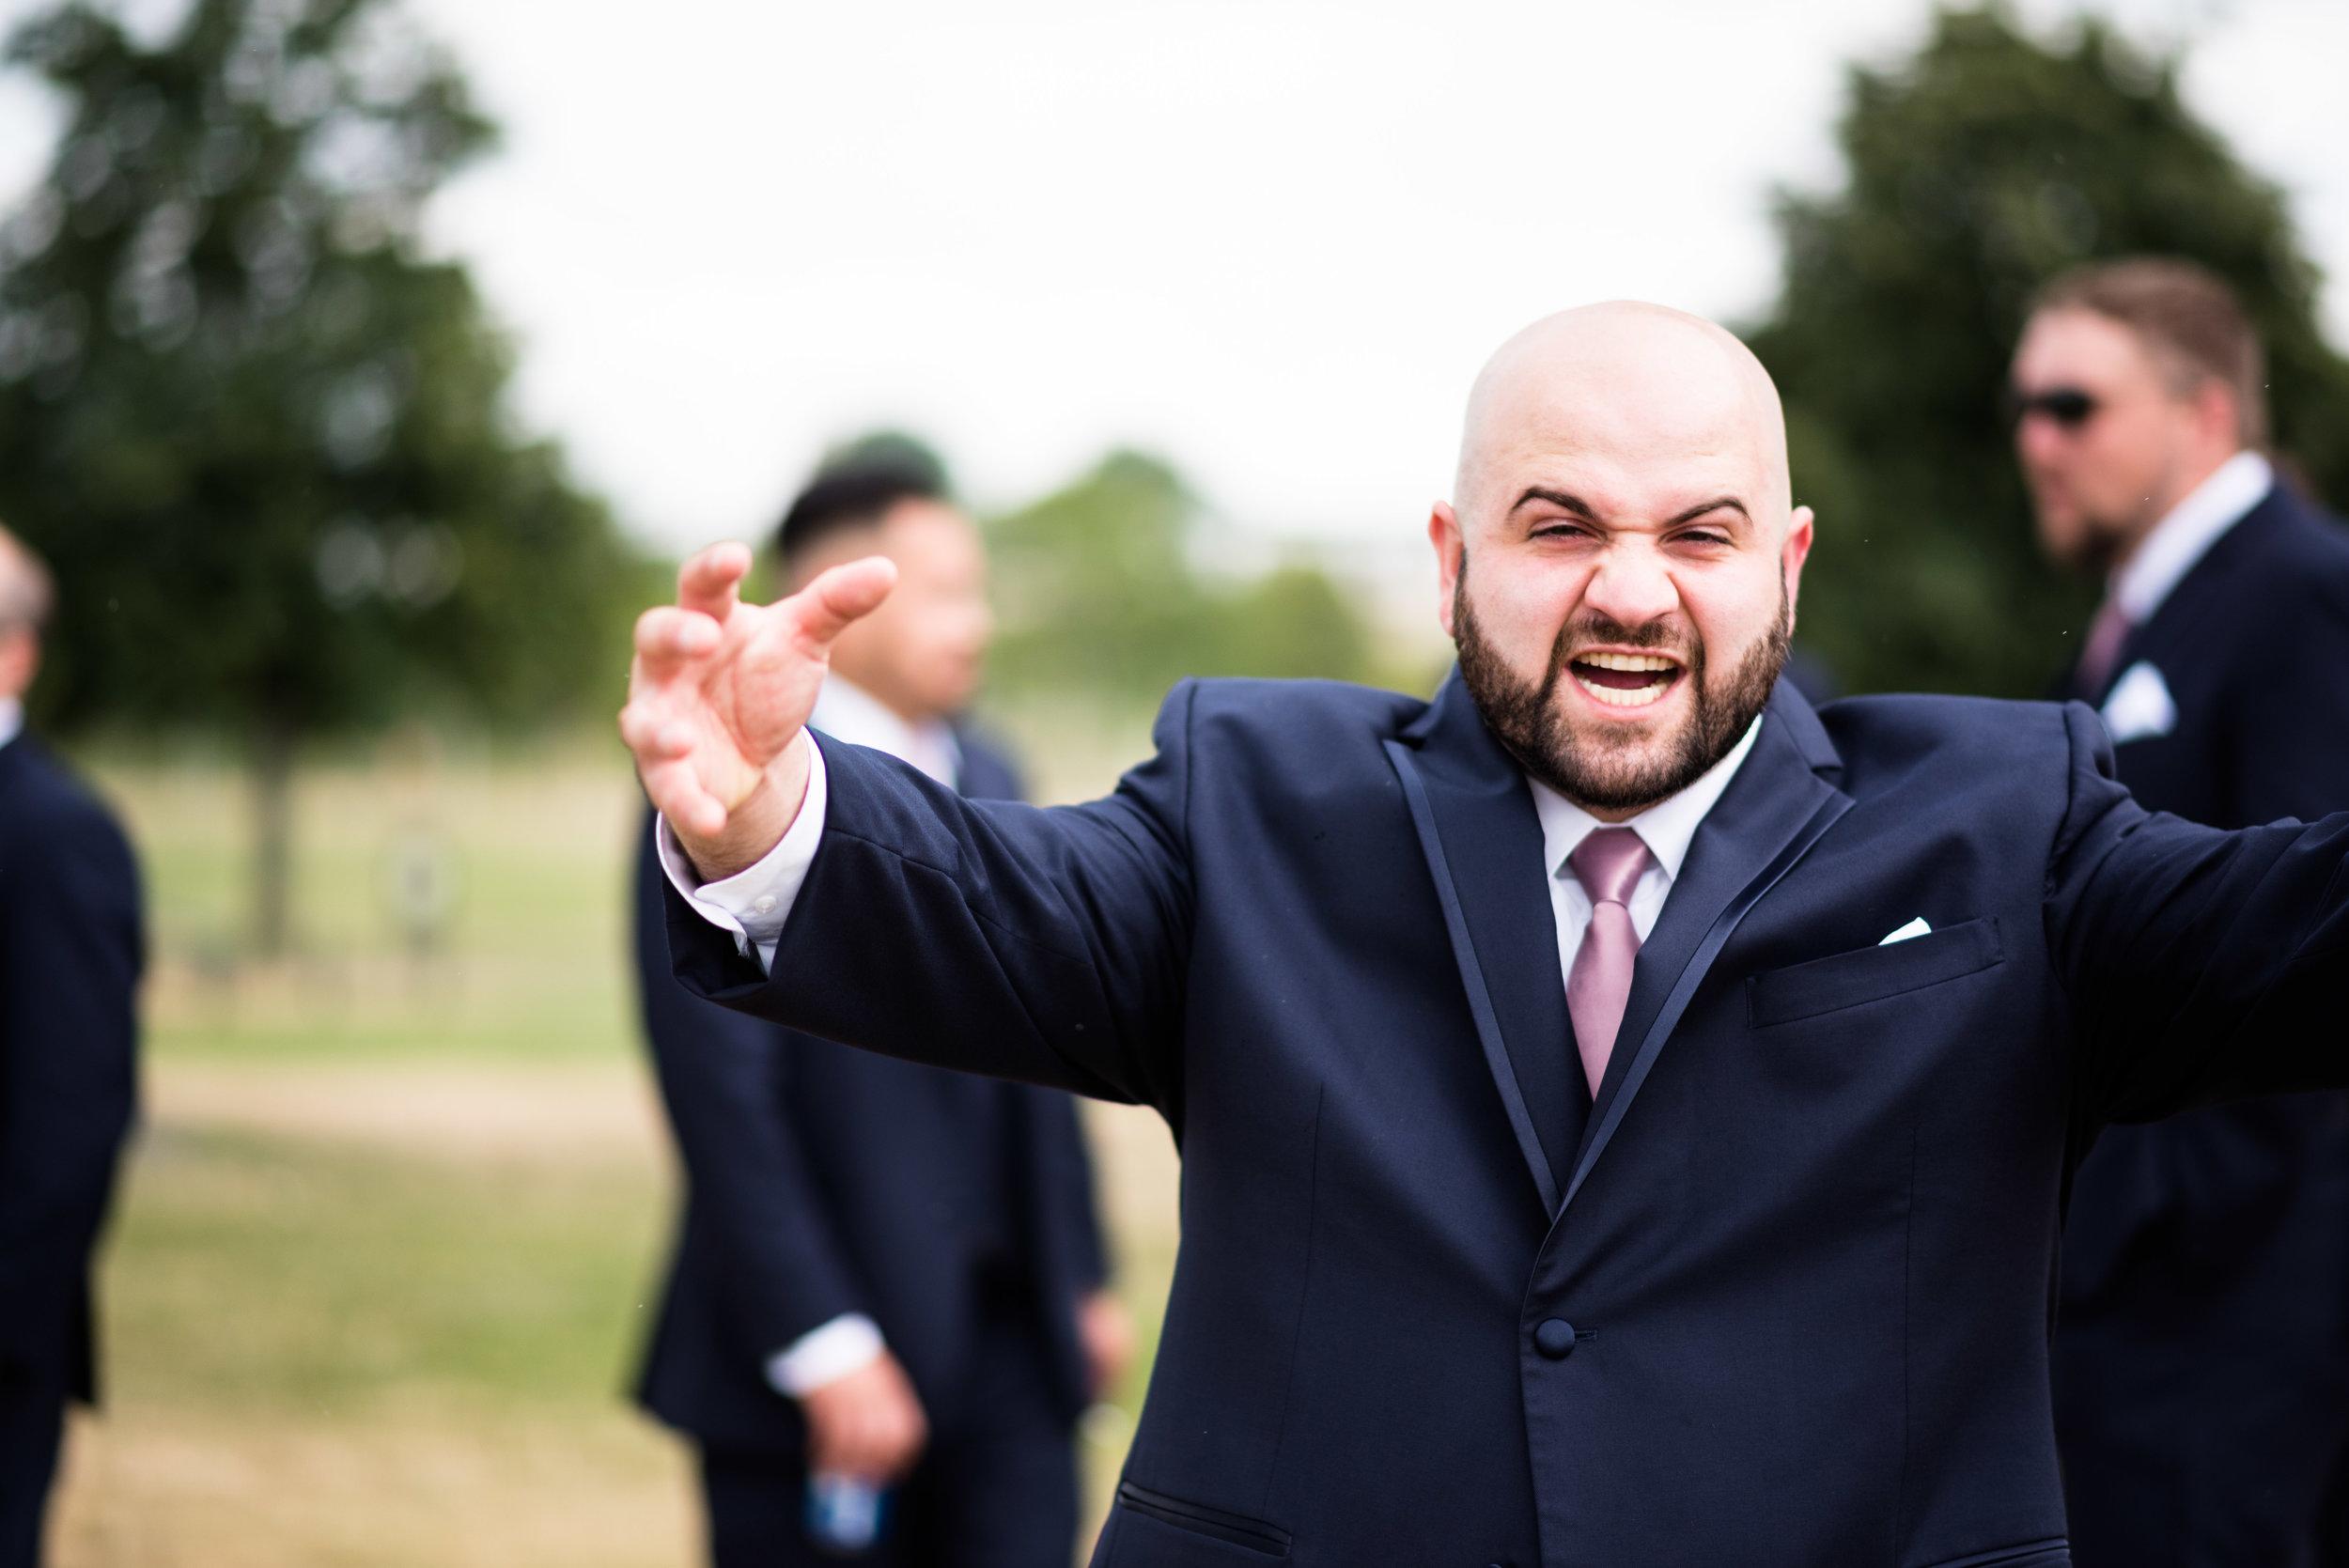 ohio wedding photography-21.jpg